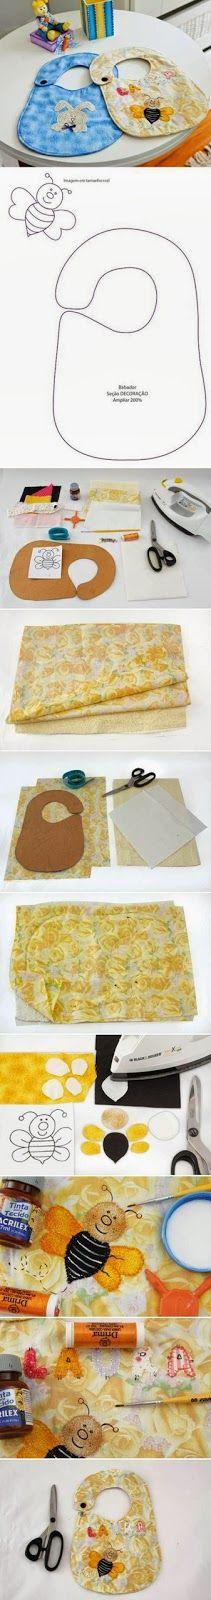 Artes com Capricho: Ideias para sua criança.